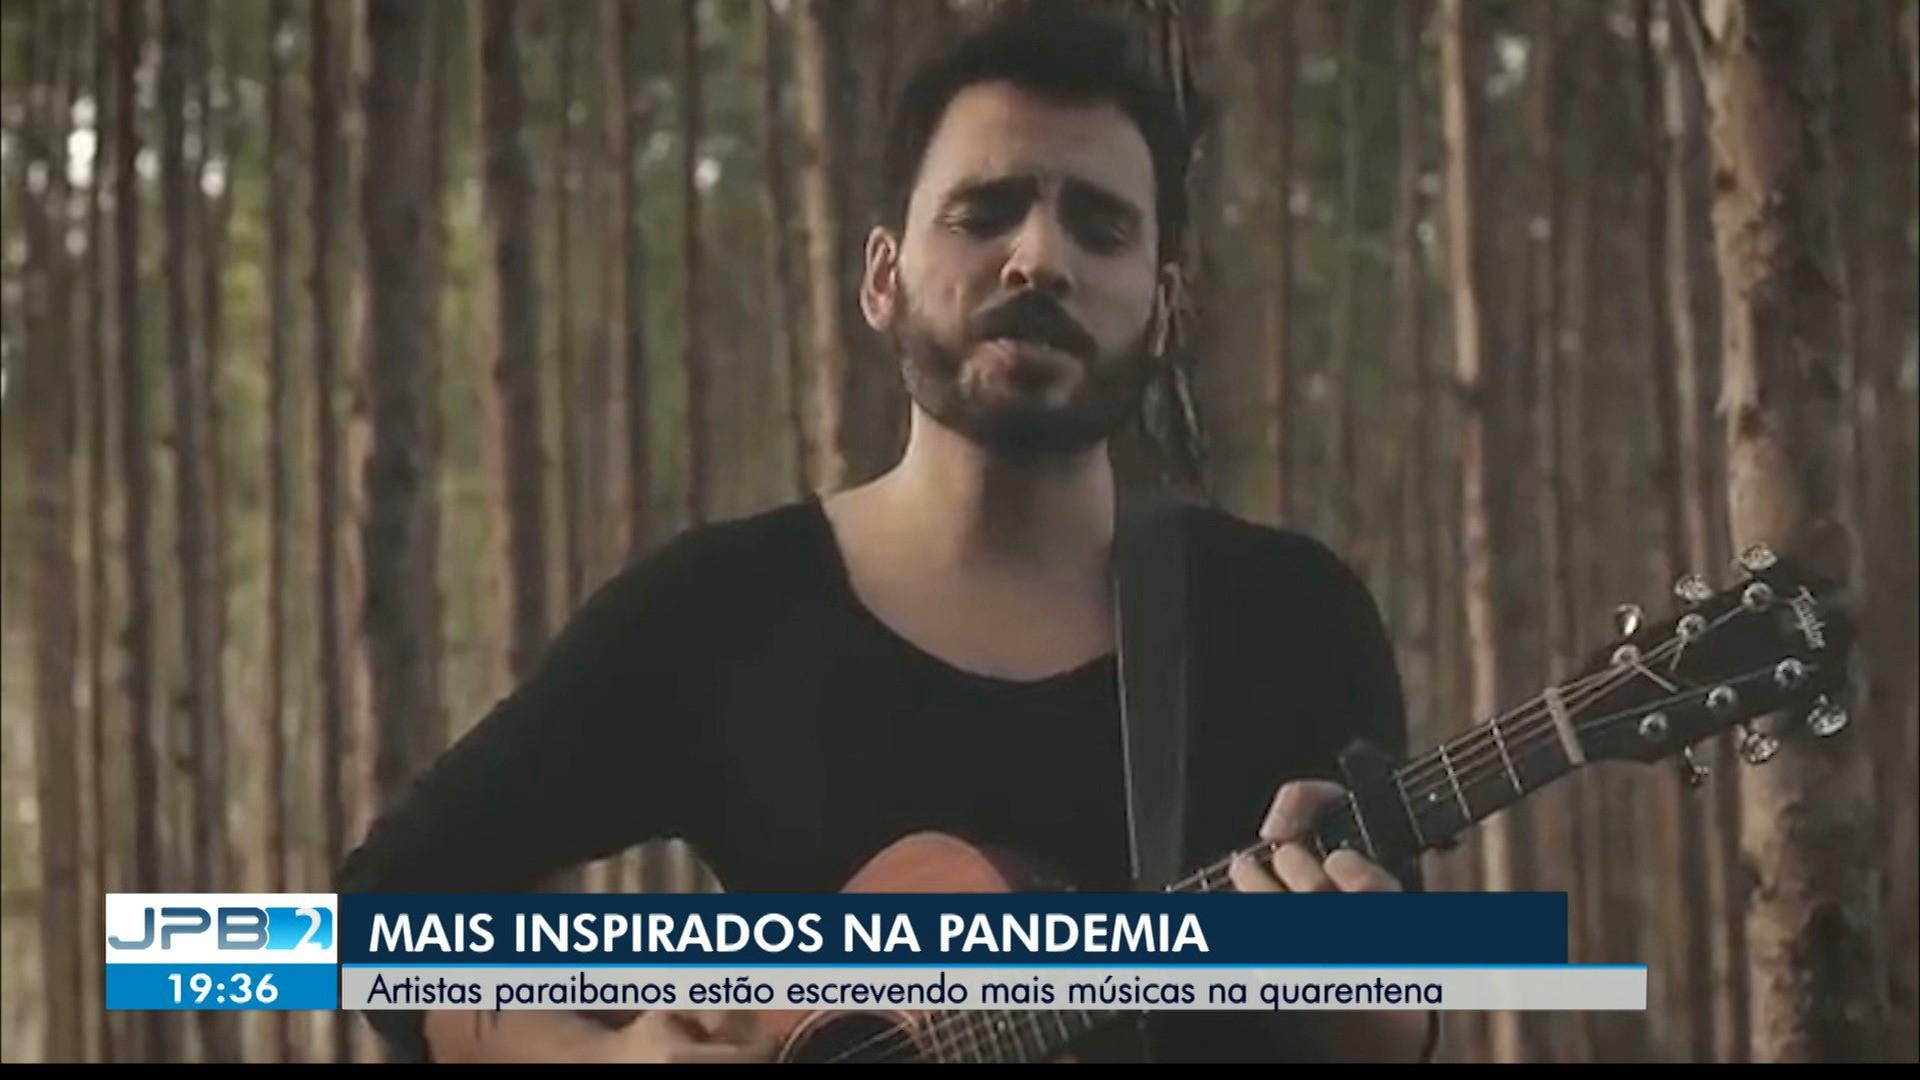 VÍDEOS: JPB2 (TV Cabo Branco) desta terça-feira, 7 de julho